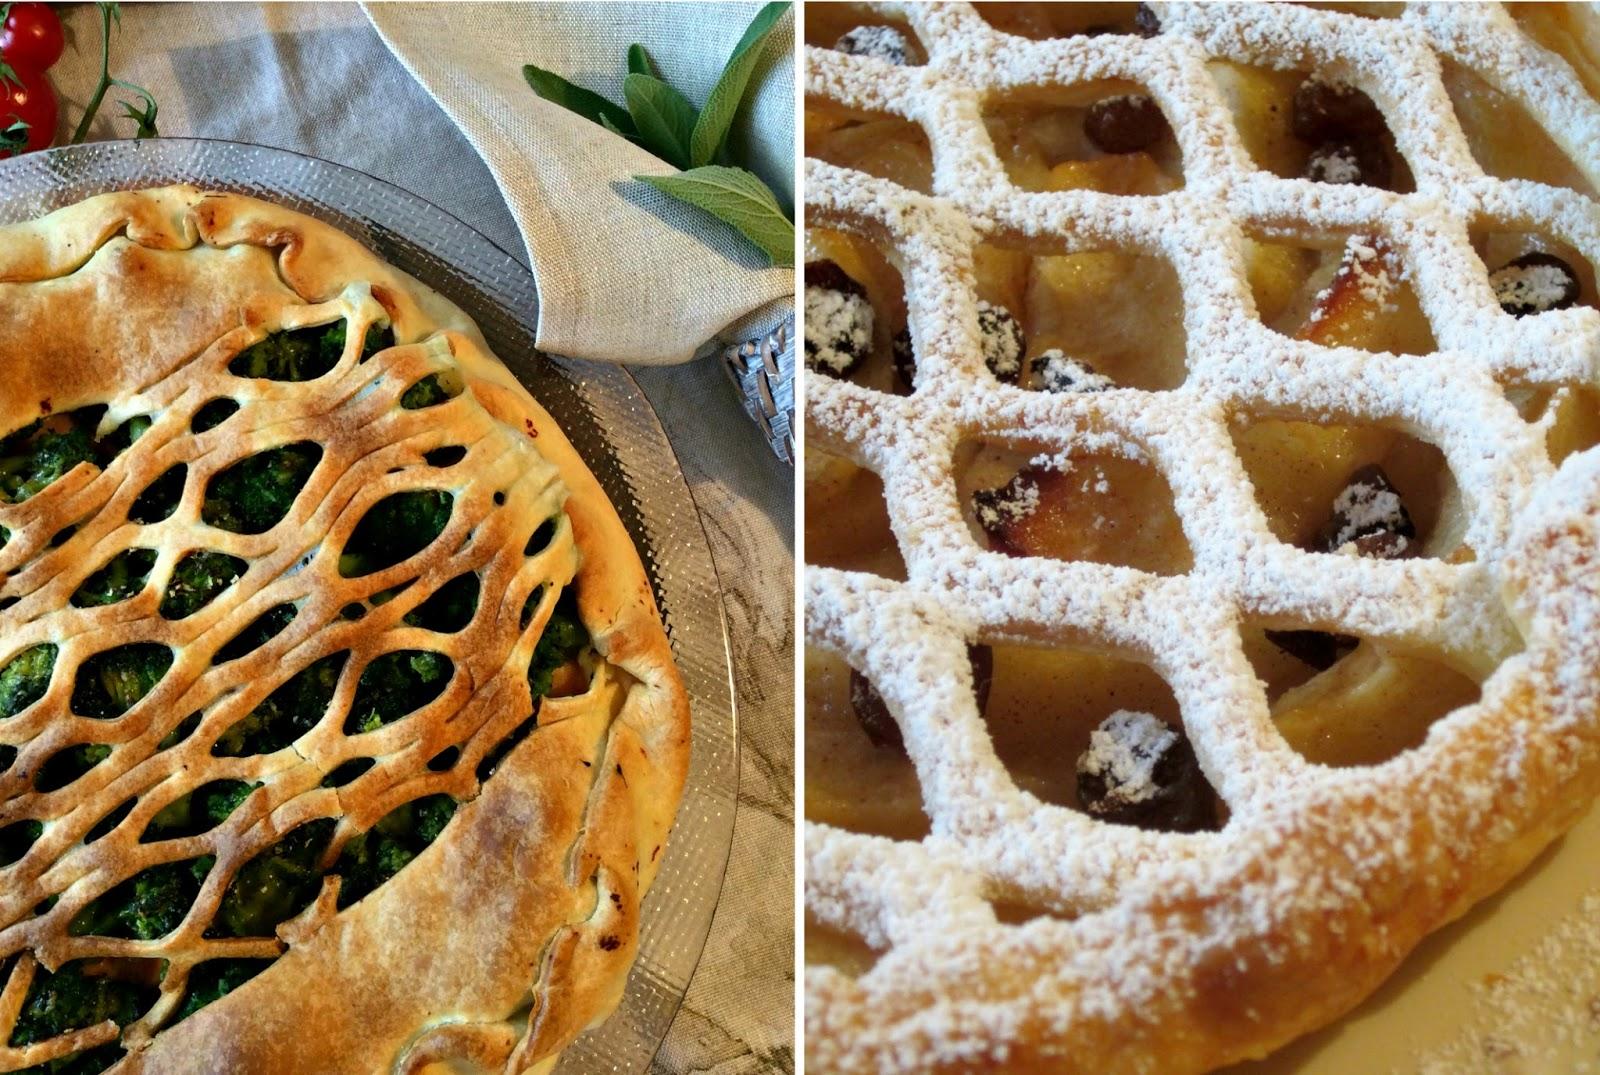 Rullo per decorare a rete la pasta sfoglia per torte dolci - Torte salate decorate ...